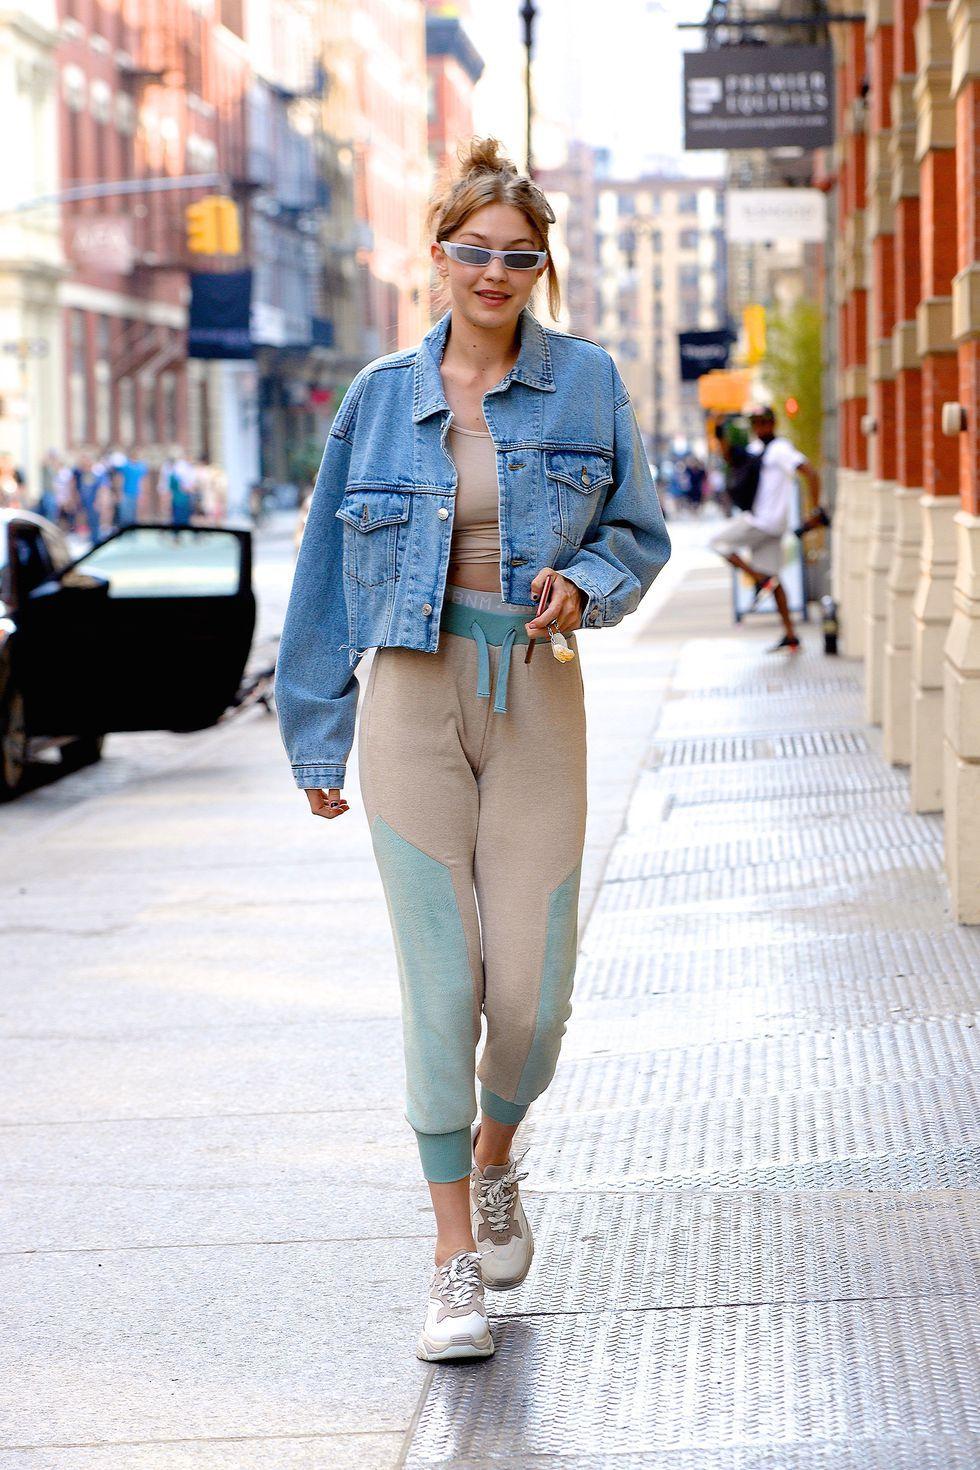 Nobody Does Street Style Like Gigi Hadid Cropped Denim Jacket Outfit Gigi Hadid Outfits Denim Jacket Fashion [ 1470 x 980 Pixel ]